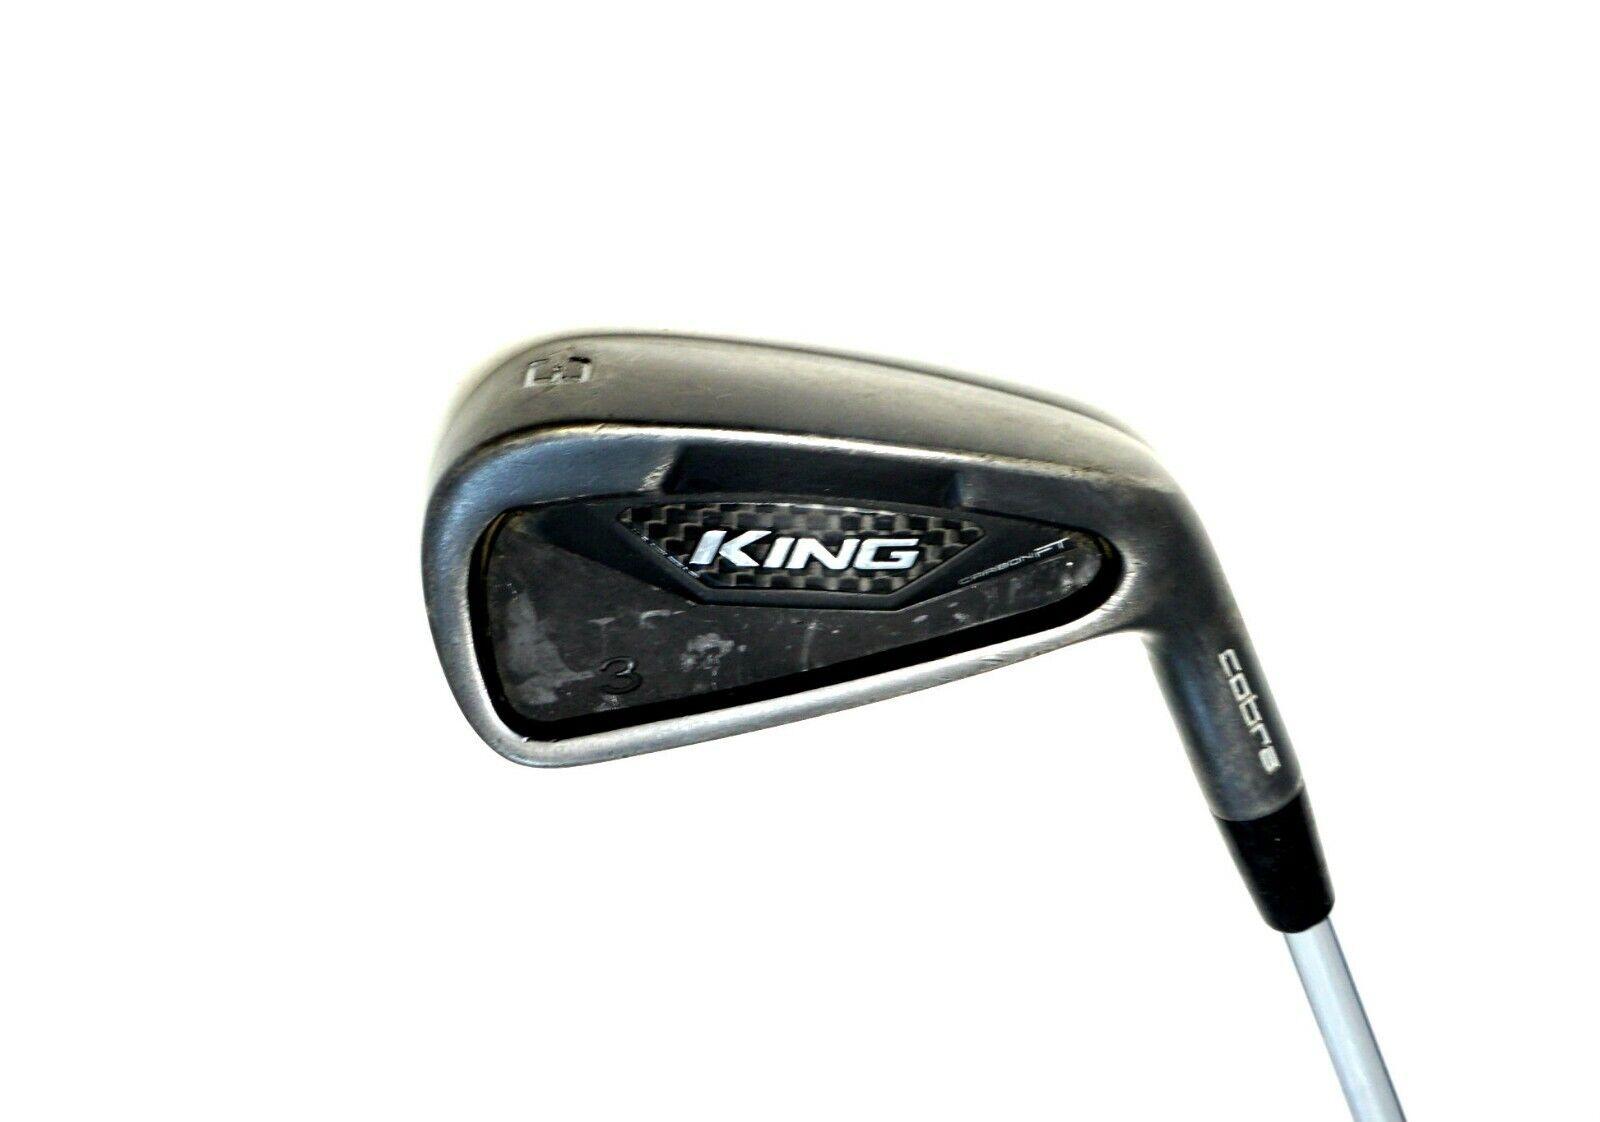 Cobra proyecto de  hierro forjado Tec King 3 X 6.0 Lz Eje De Acero Rígido  te hará satisfecho